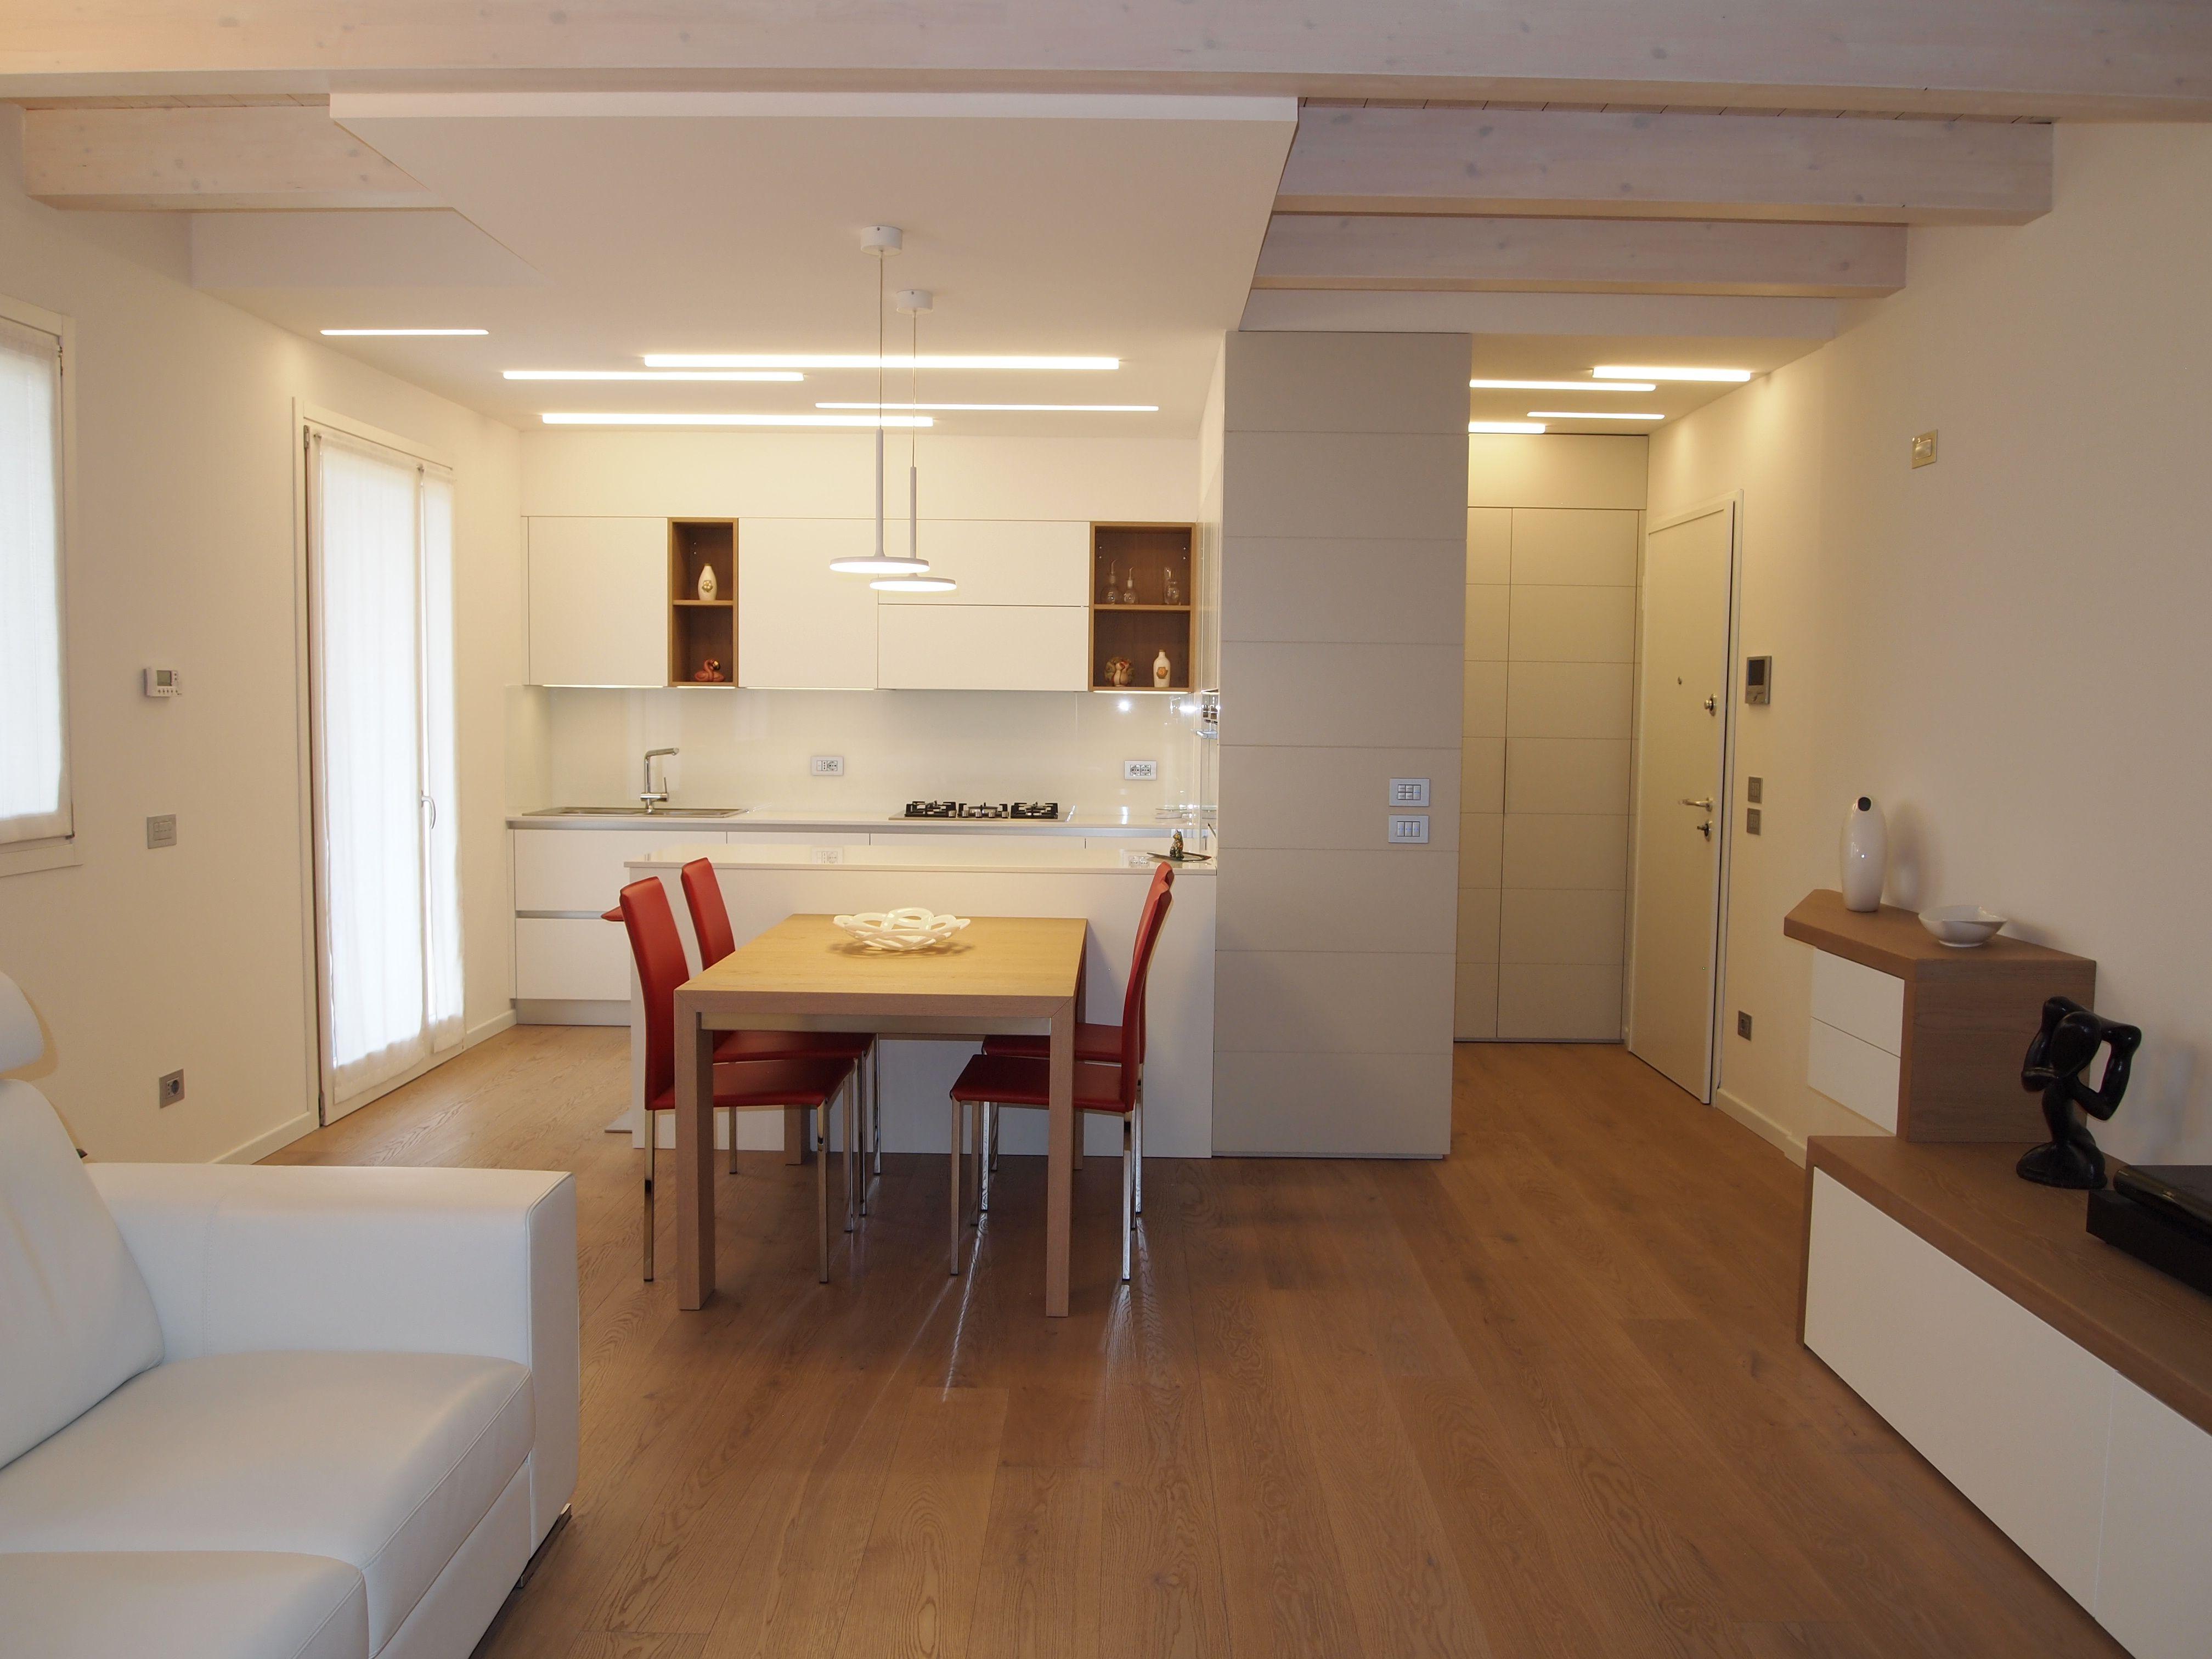 Abitazione privata illuminazione cucina tagli luce led